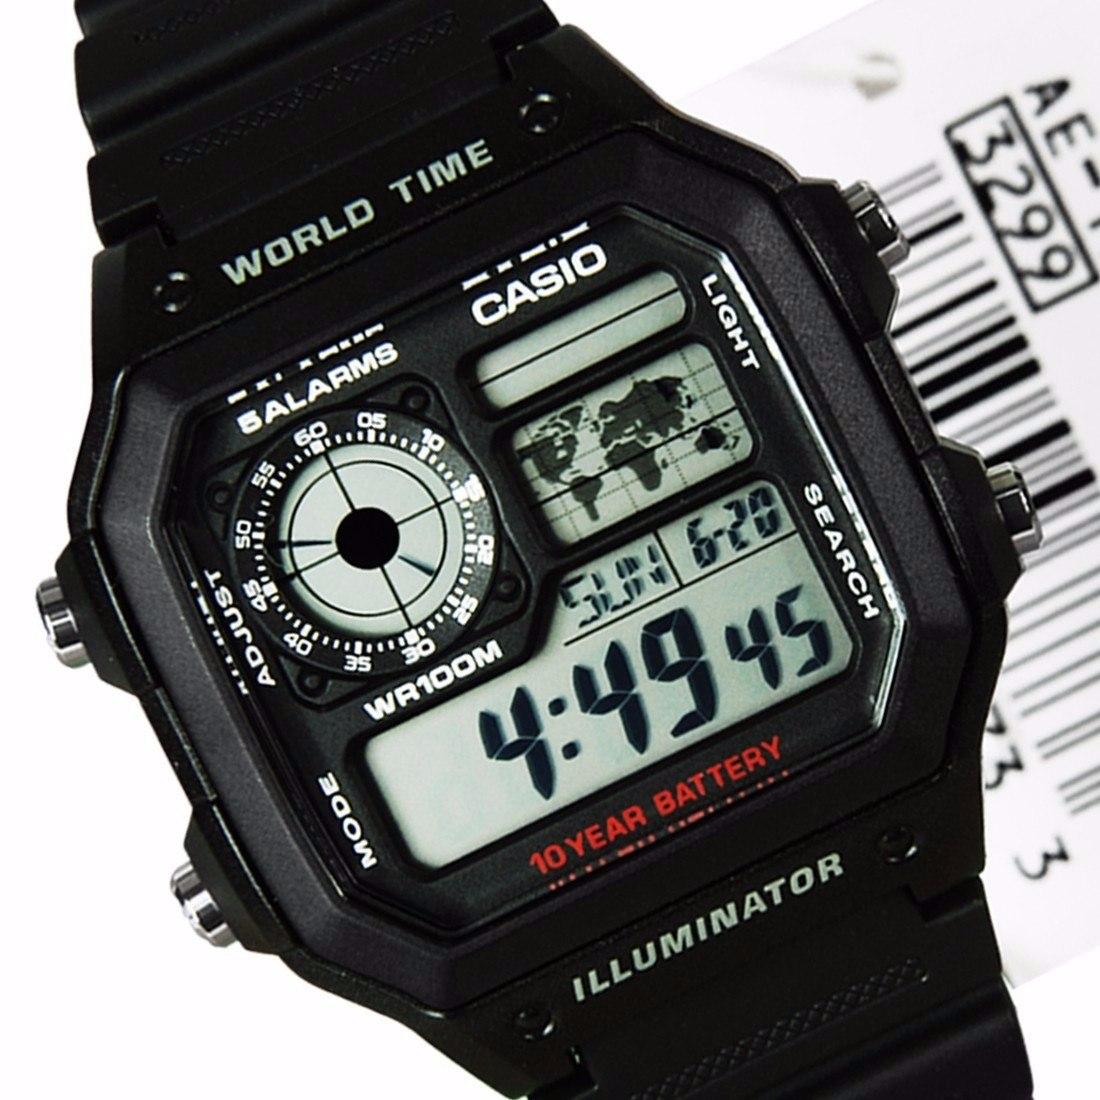 454513dc447 relogio casio ae-1200 wh 1a horario mundial 5 alarmes 100m. Carregando zoom.